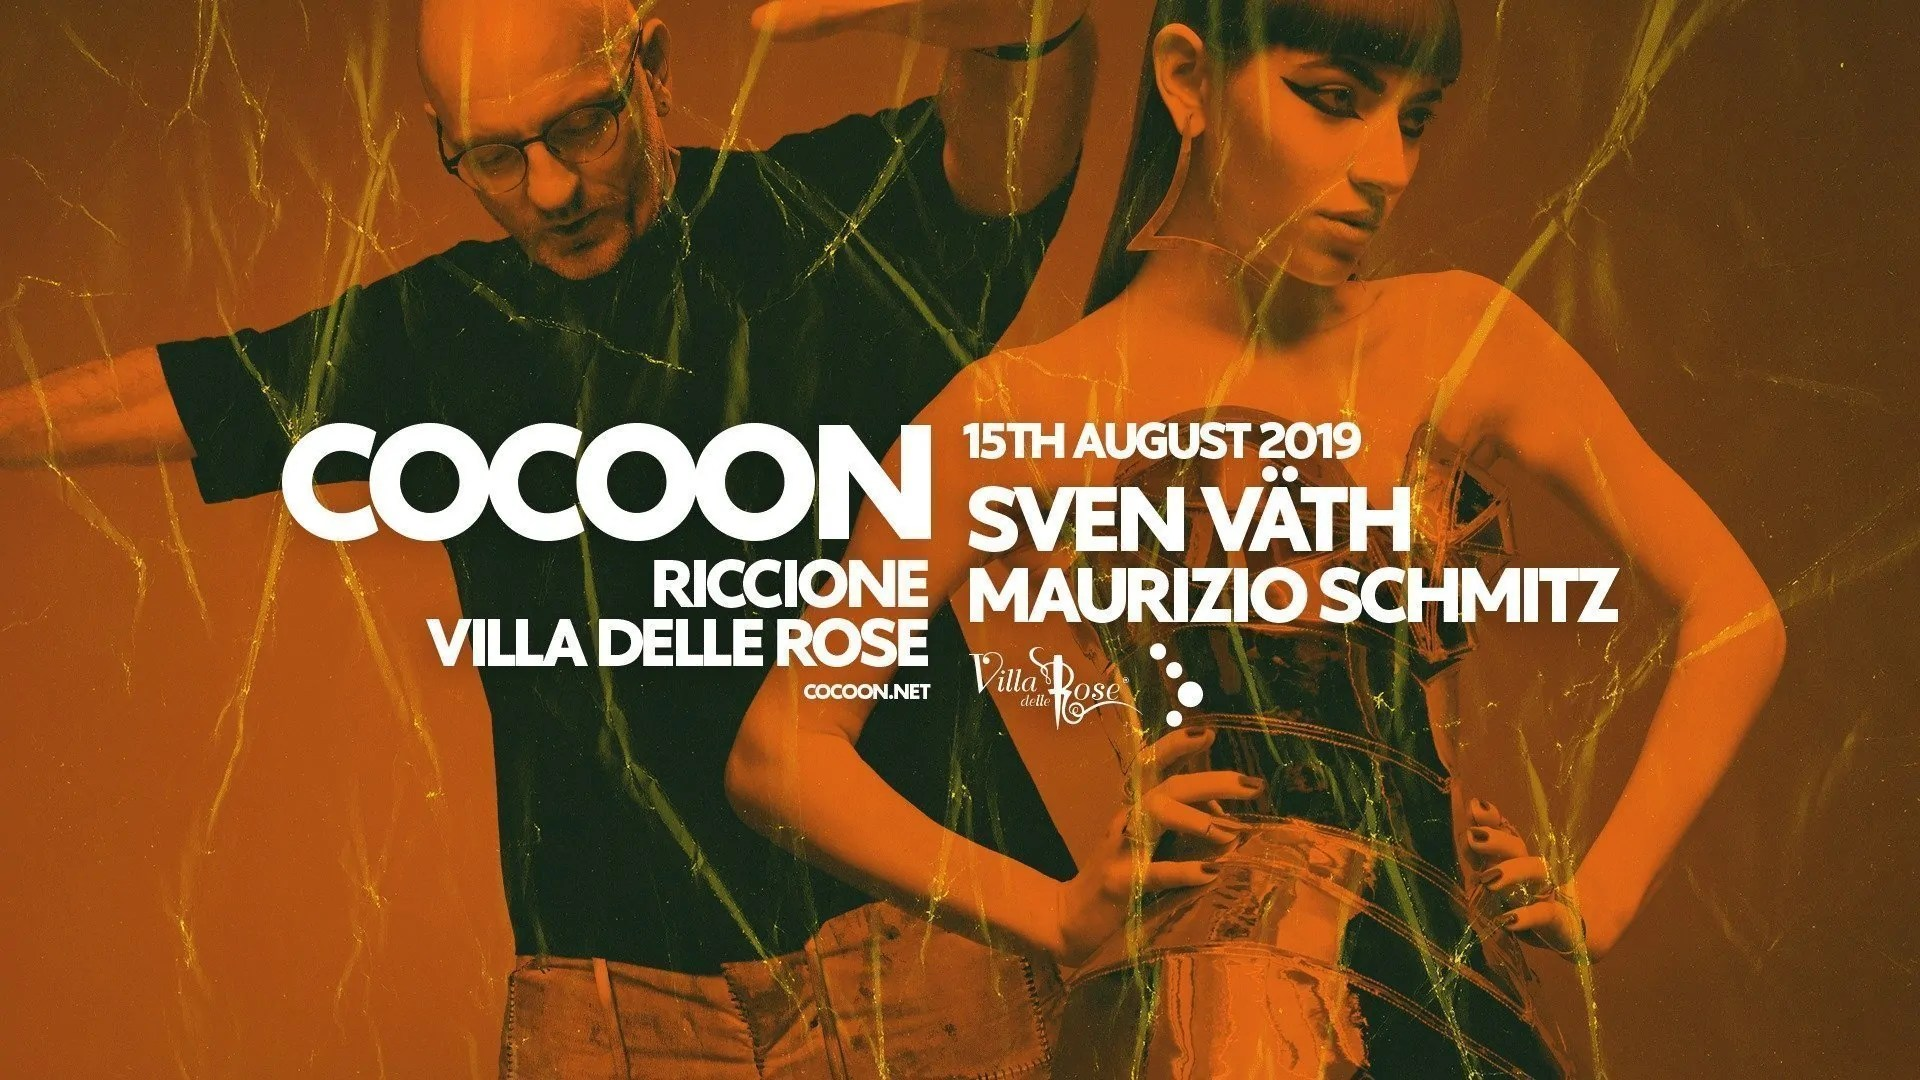 SVEN VATH Villa delle Rose Cocoon Ferragosto 15 Agosto 2019 + Prezzi Ticket/Biglietti/Prevendite 18APP Tavoli Pacchetti hotel